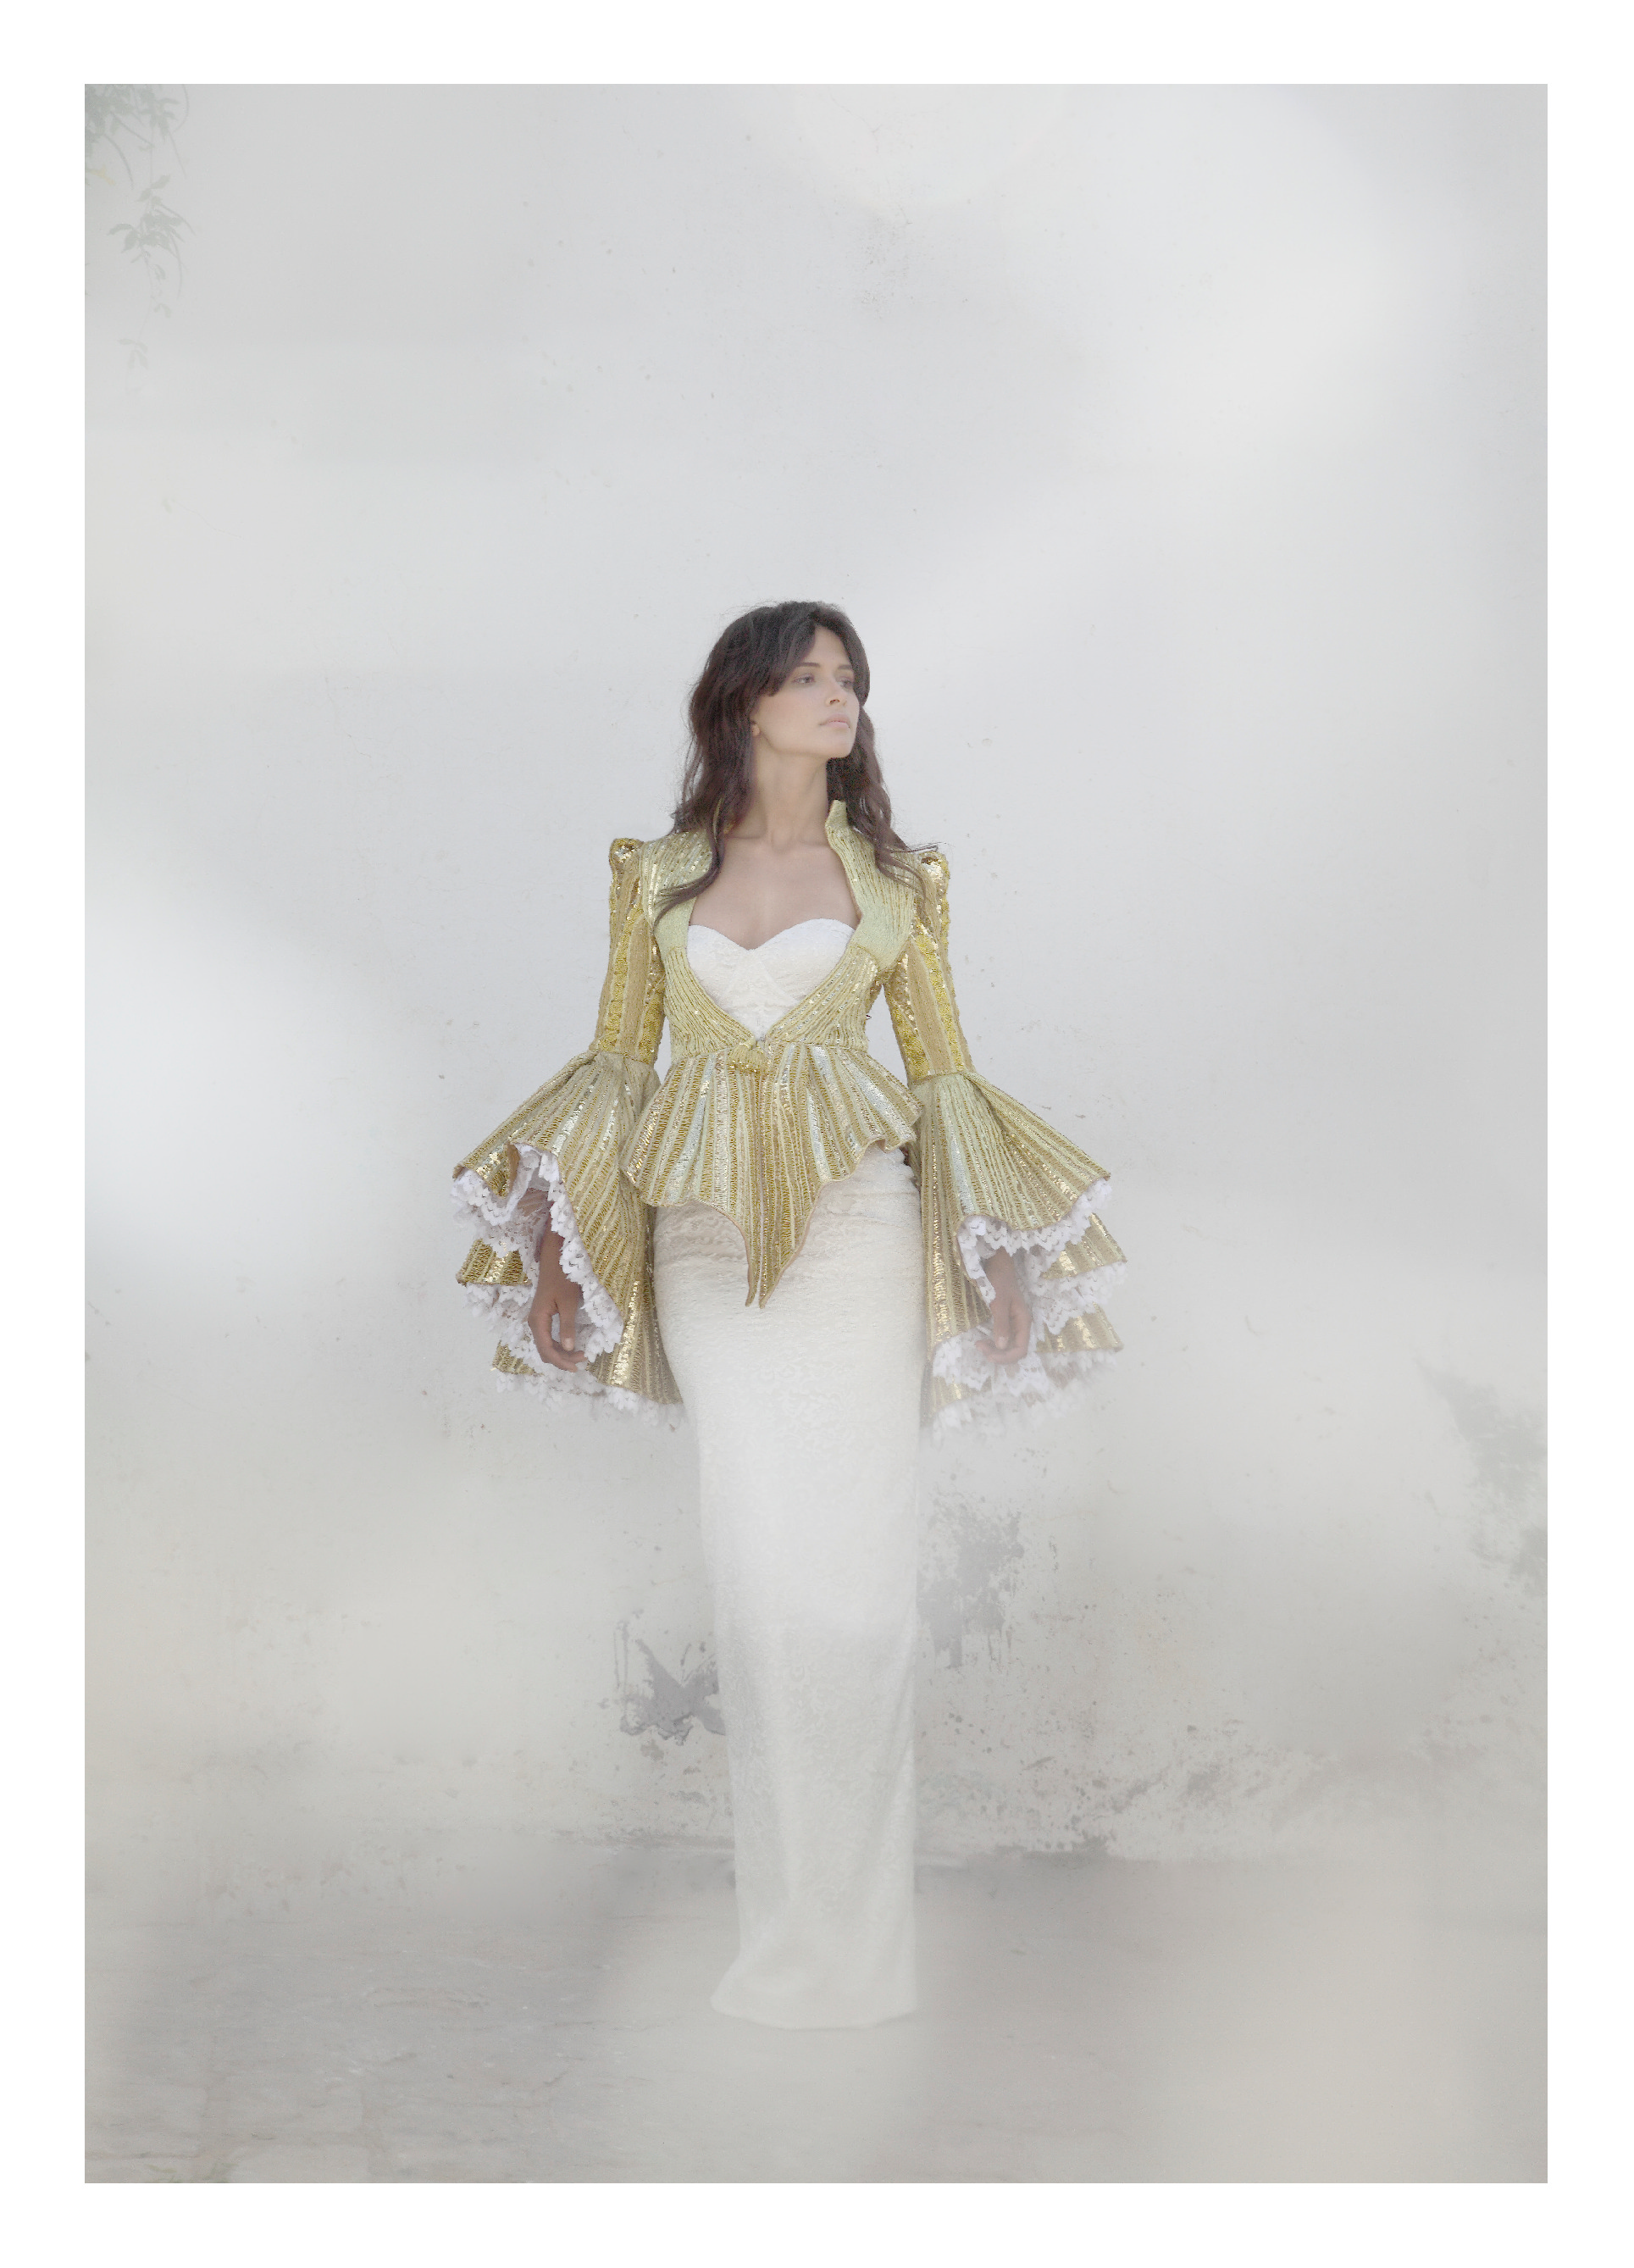 Veste brodée en fil d'argent, fil tressé, paillettes et ruban métallique (techniques de broderies artisanales tunisiennes) manches doublées avec de la dentelle de Calais, robe bustier en dentelle sur fond satin,  MEHDI KALLEL